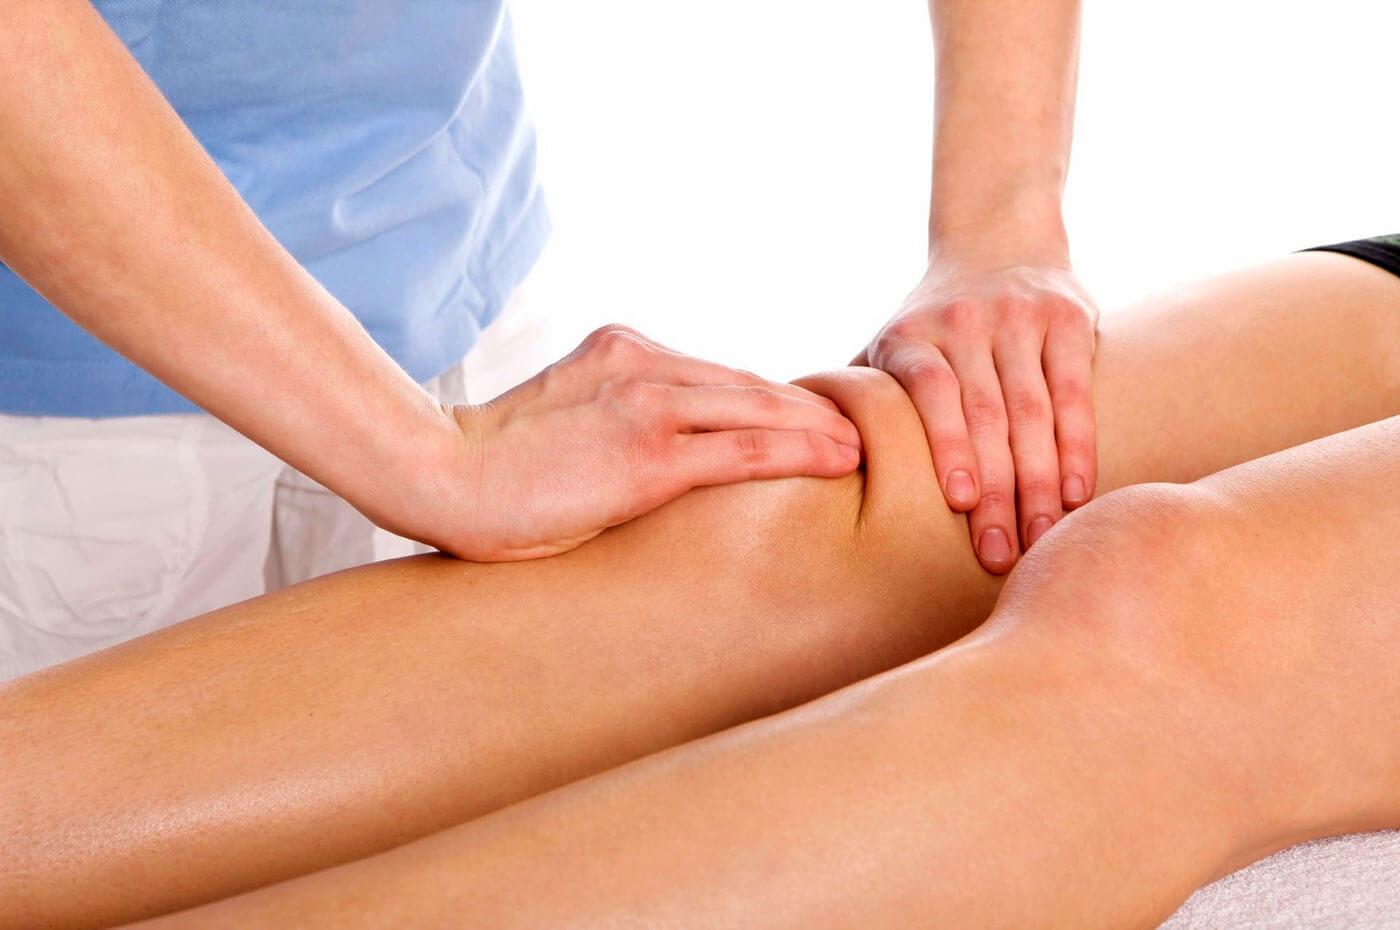 Массаж коленного сустава при артрозе в домашних условиях: самомассаж, можно ли его делать при гонартрозе